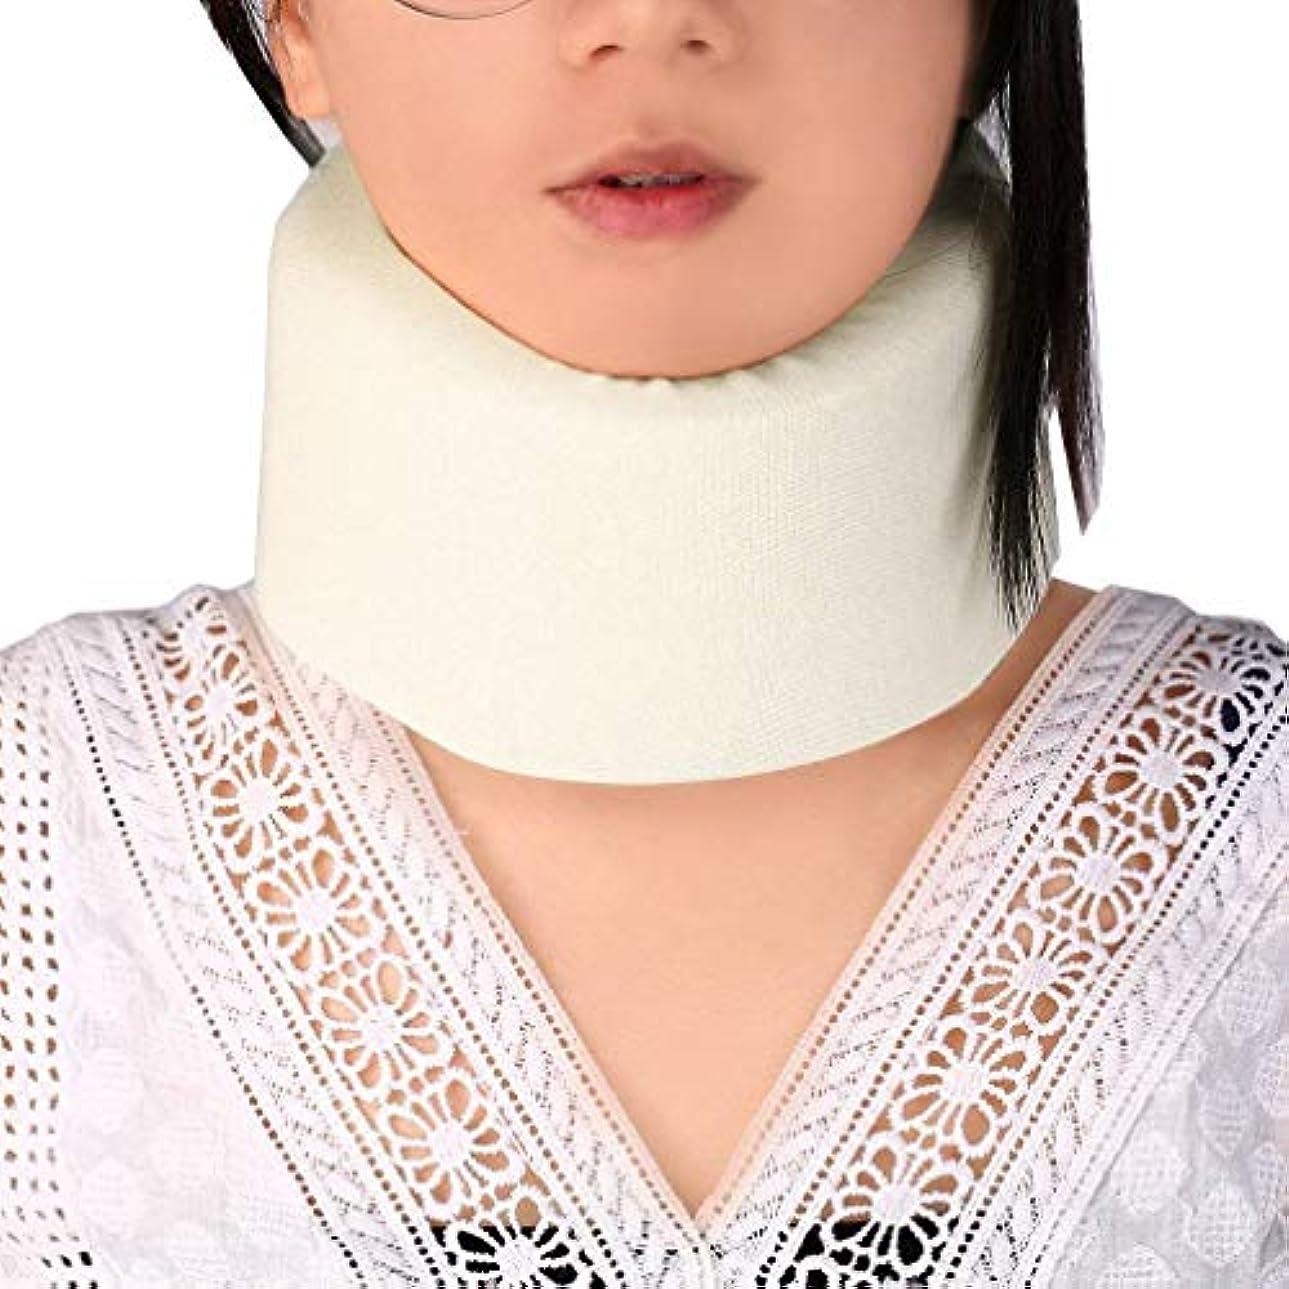 騙す労苦ロシアOral Dentistry 首 サポーター ソフト 頸椎 首こり ソフト頸椎カラー 肩の痛みの軽減 着脱 簡単 男女兼用 ホワイト